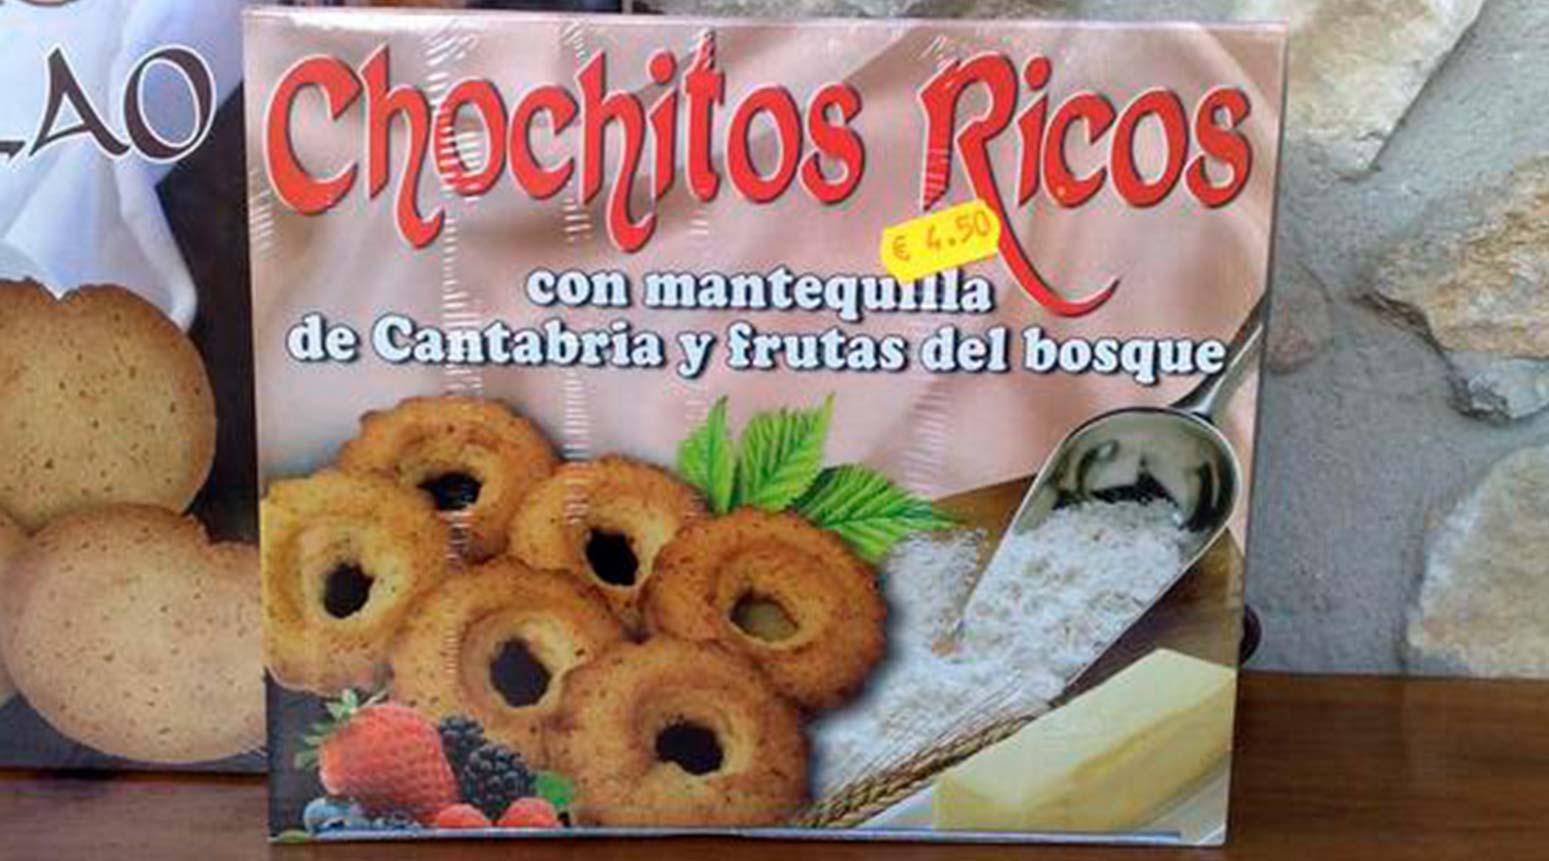 chochitos-icos-naming-desafortunados